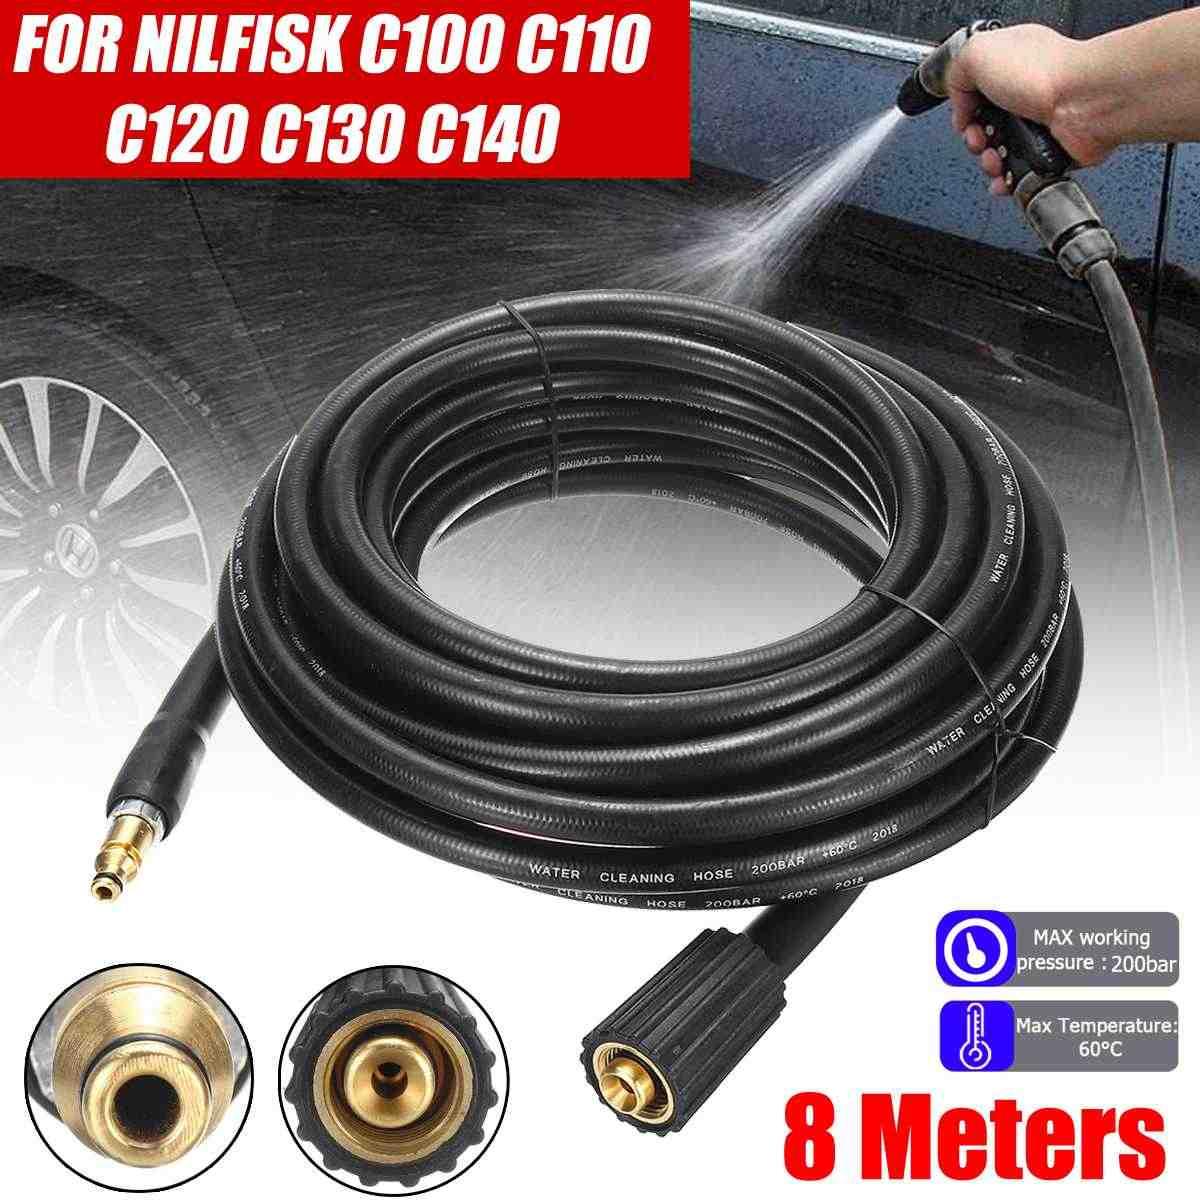 8 meter M22 Auto Thuis Tuin Water Ringen Cleaners Hogedrukreiniger Slang Water Clenaner Voor Nilfisk C100 C110 C120 c130 C140